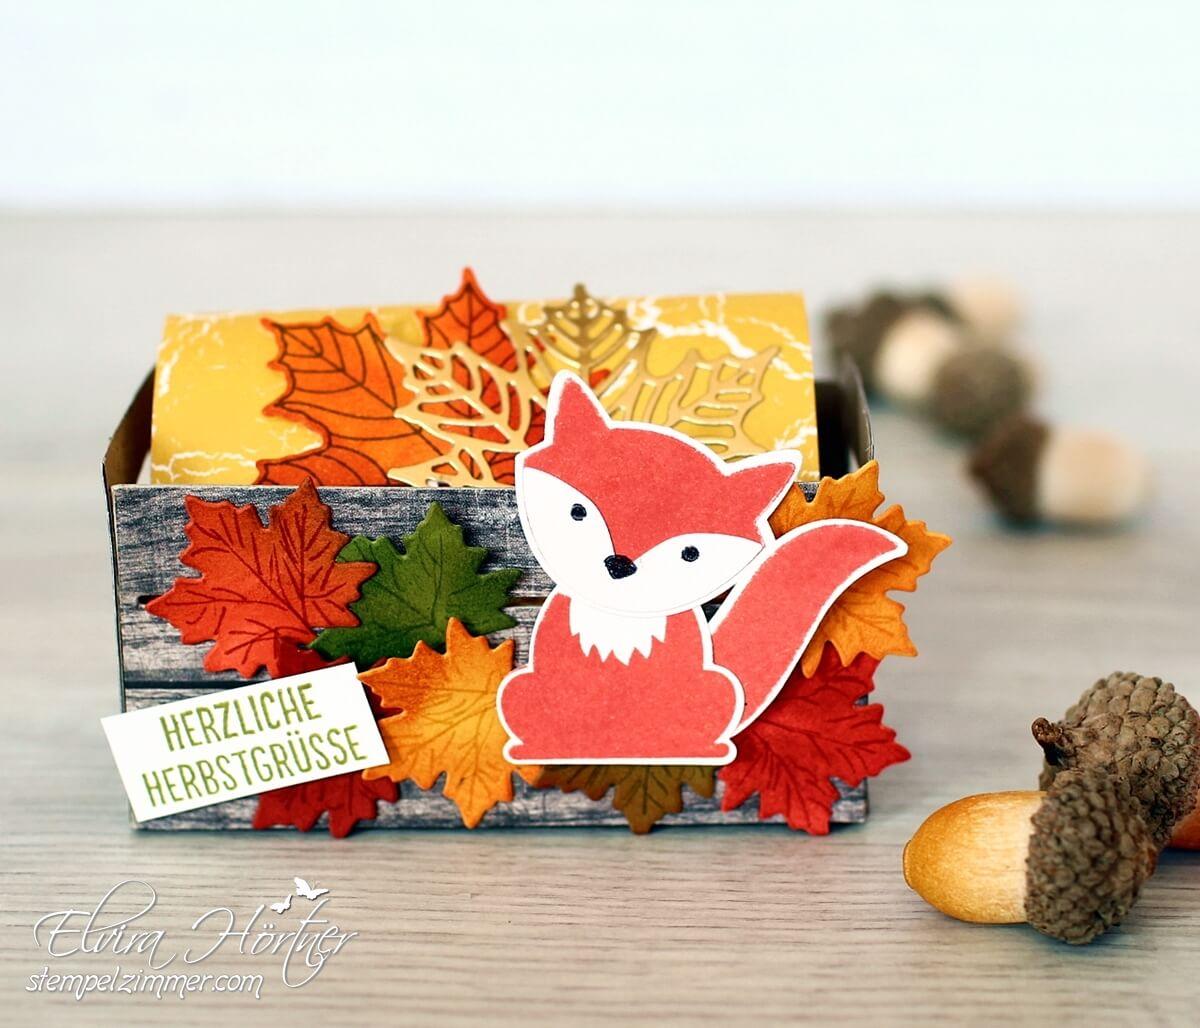 Herbstliche Holzkiste mit Fuchs - Stampin Up - Stempelzimmer-Blog